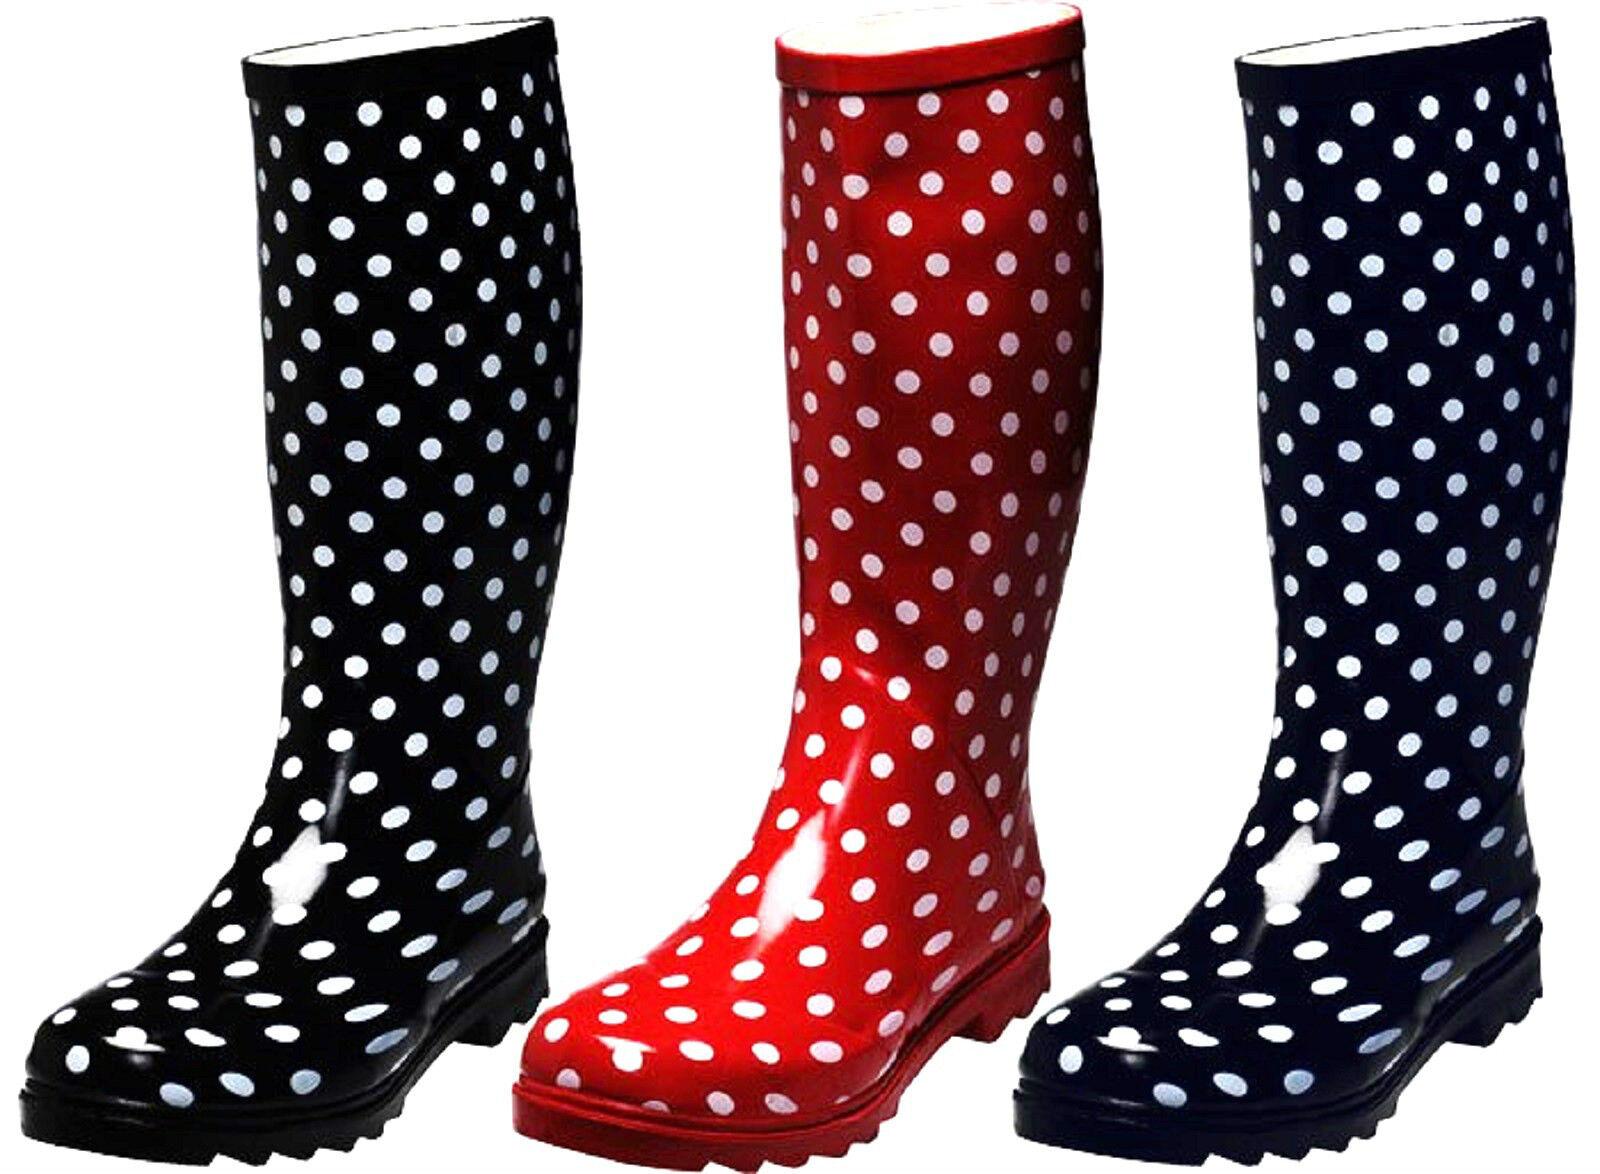 Damen Gummistiefel Regenstiefel Punkte Blau Schwarz Rot Gr. 36,37,38,39,40<wbr/>,41